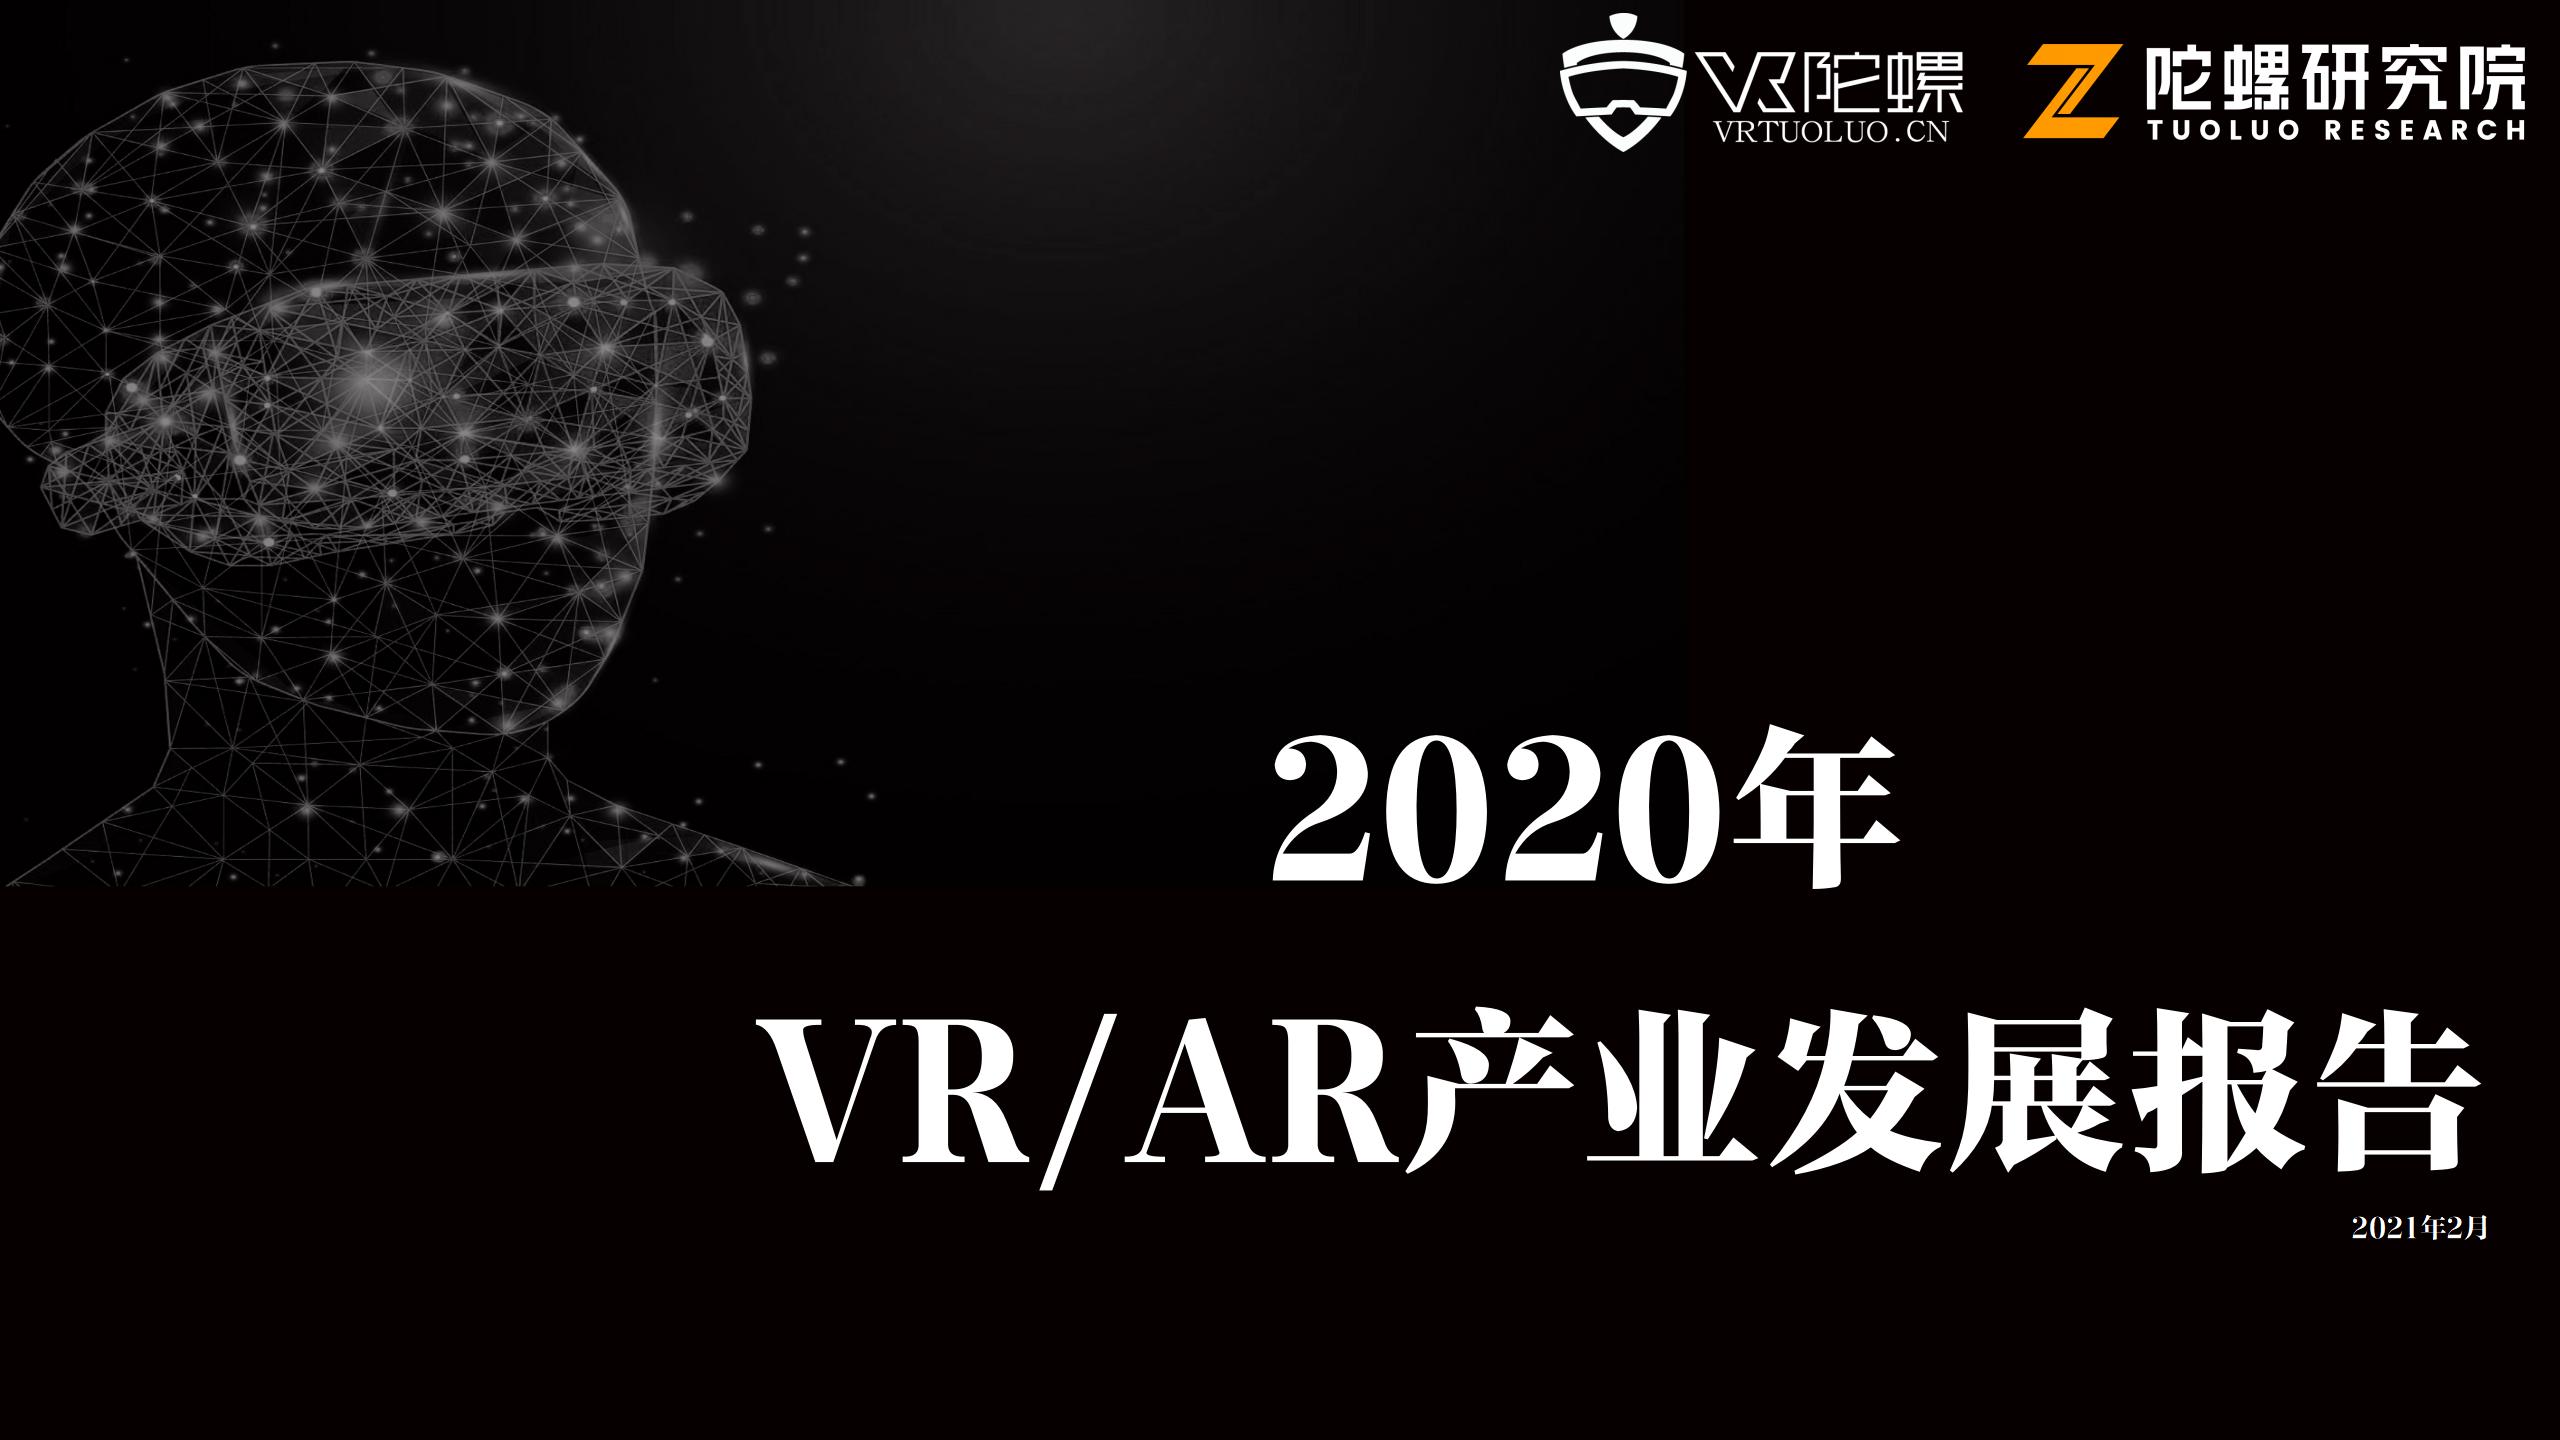 2020年VR/AR产业发展报告 | VR陀螺